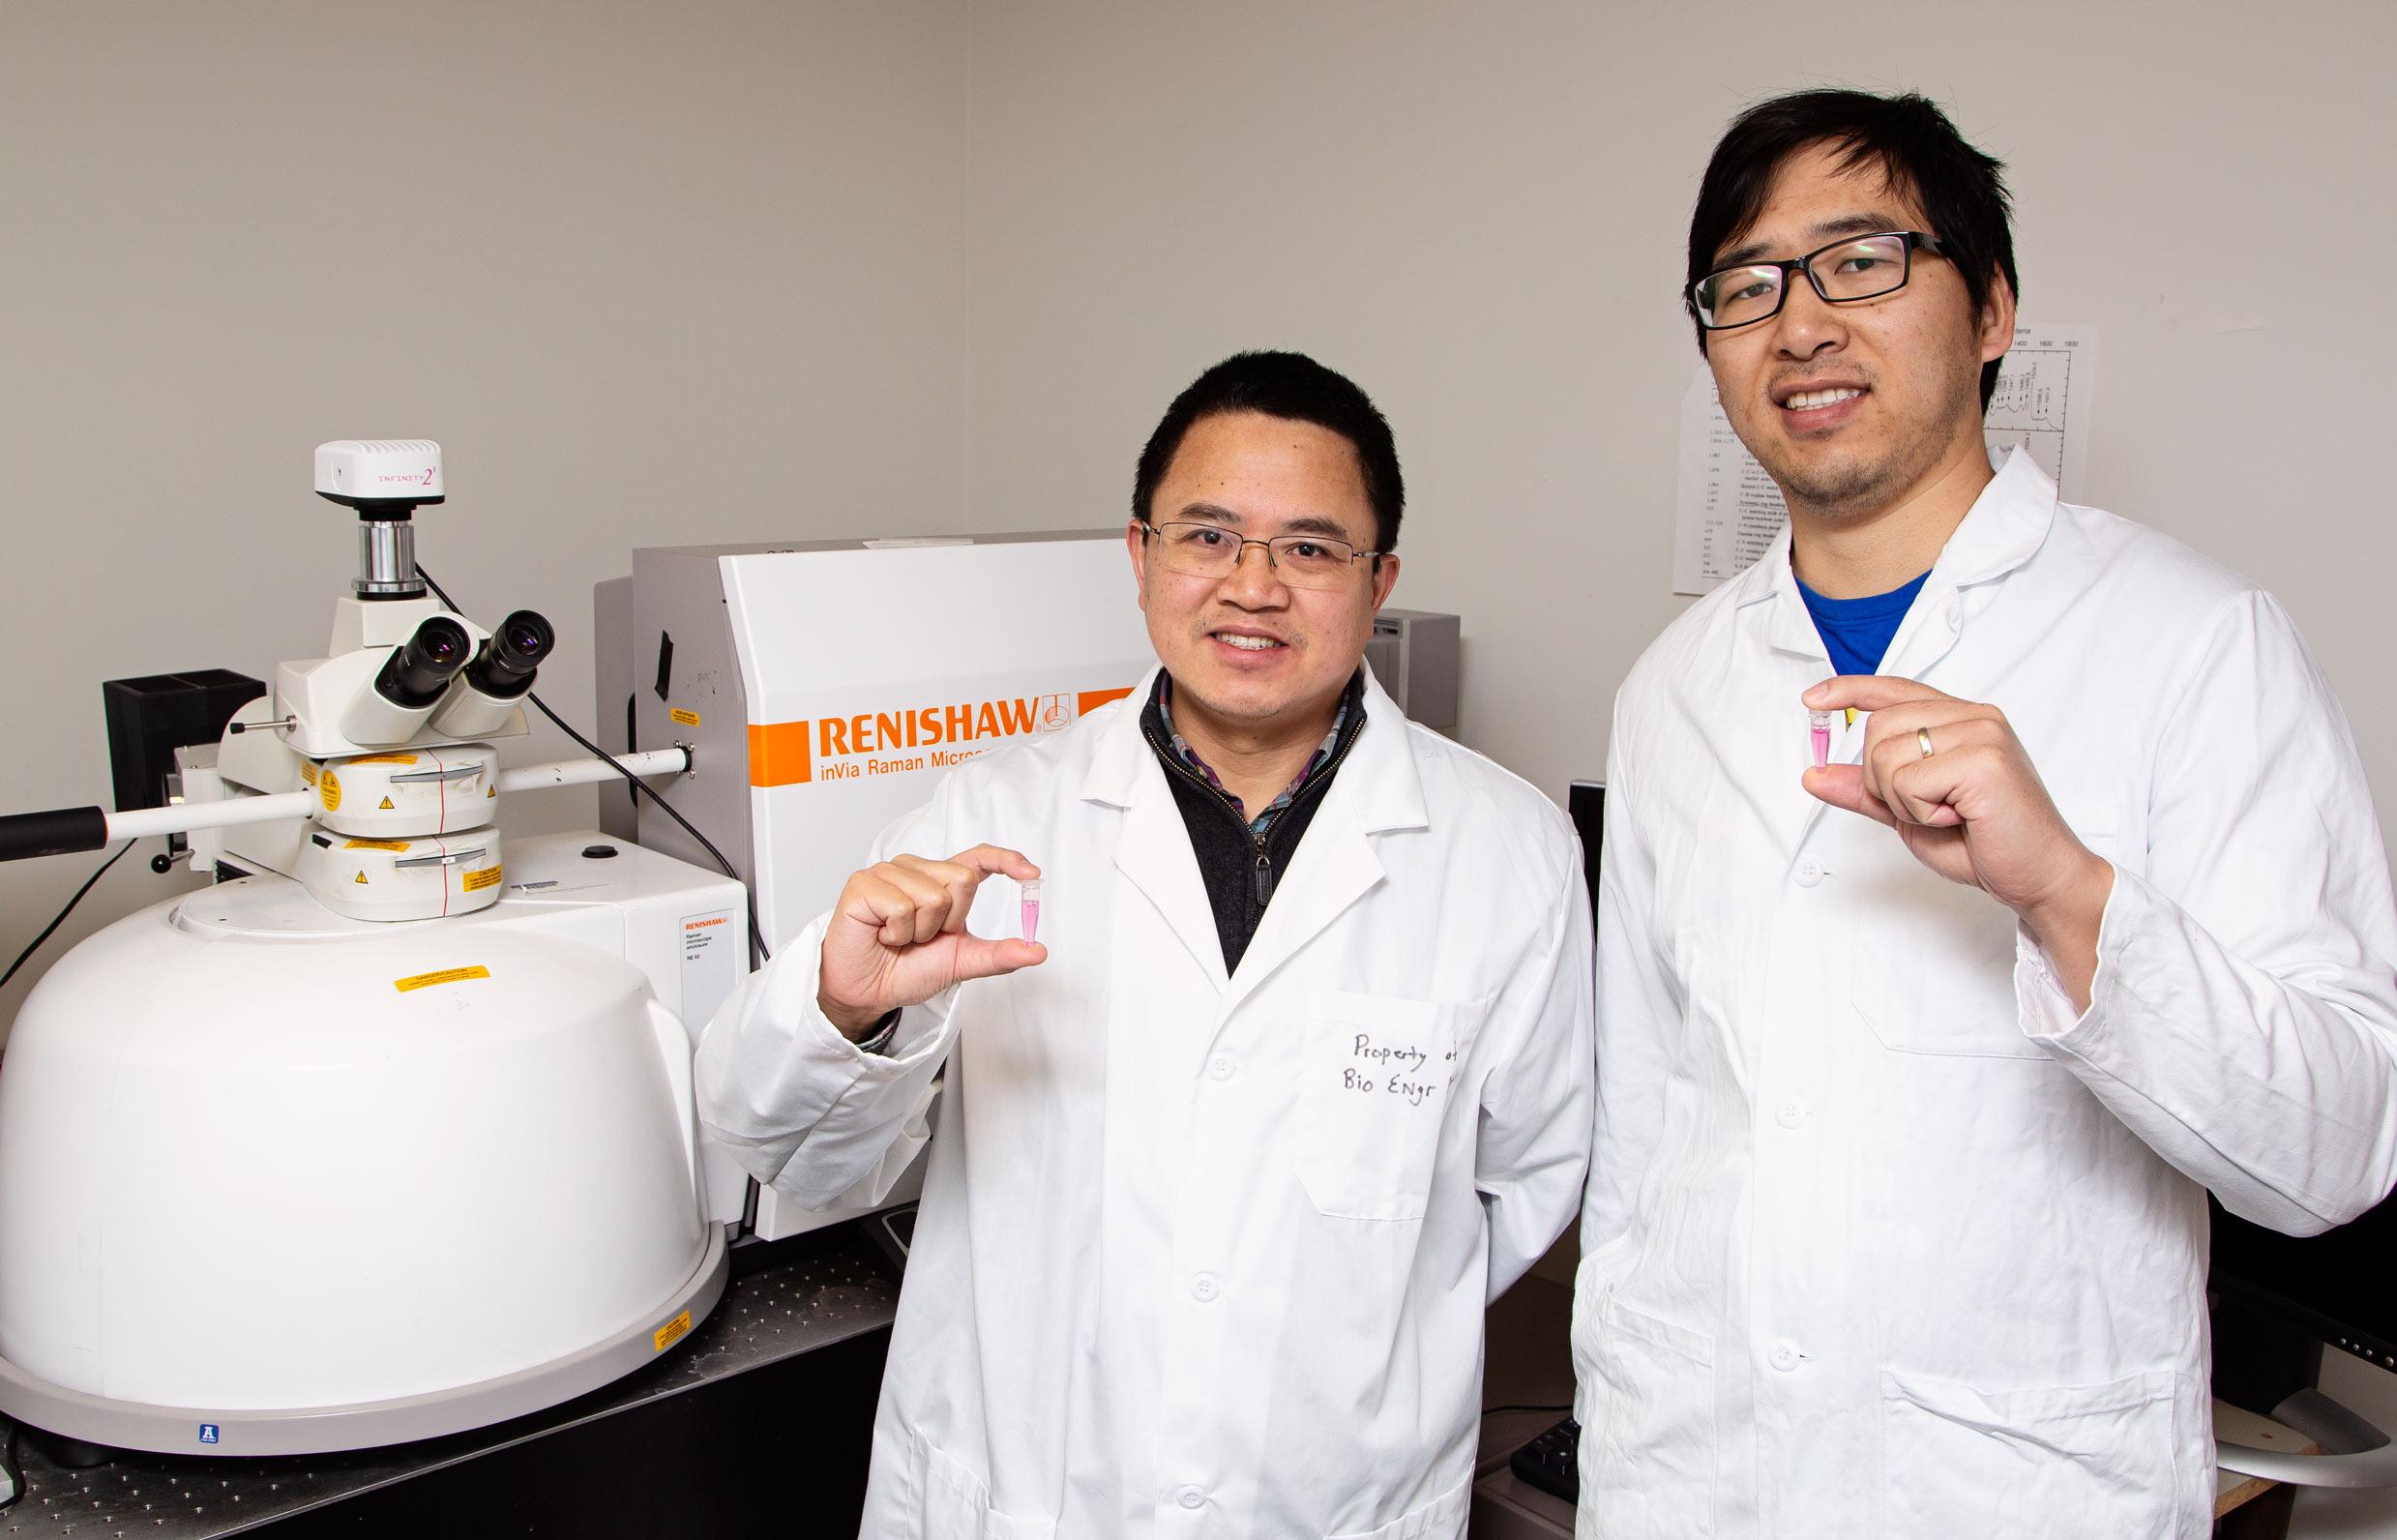 Une équipe de chercheurs américains a mis au point un outil pour suivre les événements cellulaires qui peuvent mener à des conditions liées à l'obésité. Selon le professeur Zhou, cette nanosonde d'imagerie optique peut aider à comprendre l'apport en graisses.